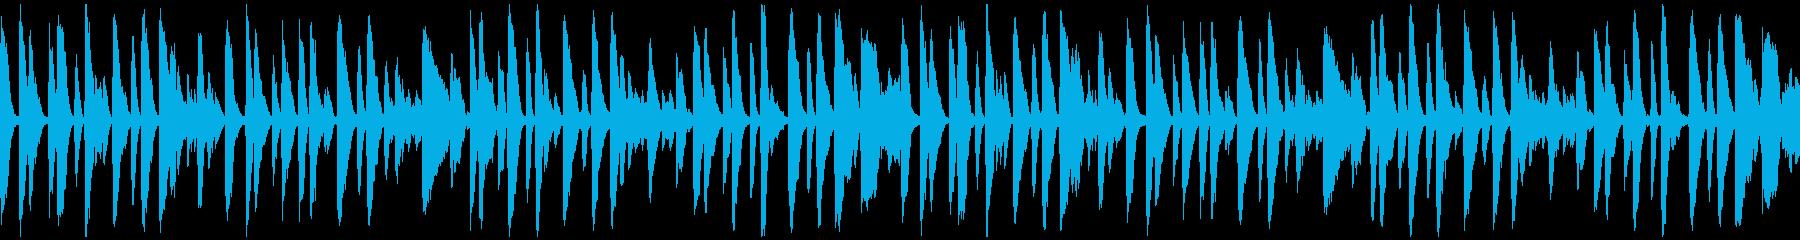 まったりホンキートンクピアノ_ループの再生済みの波形